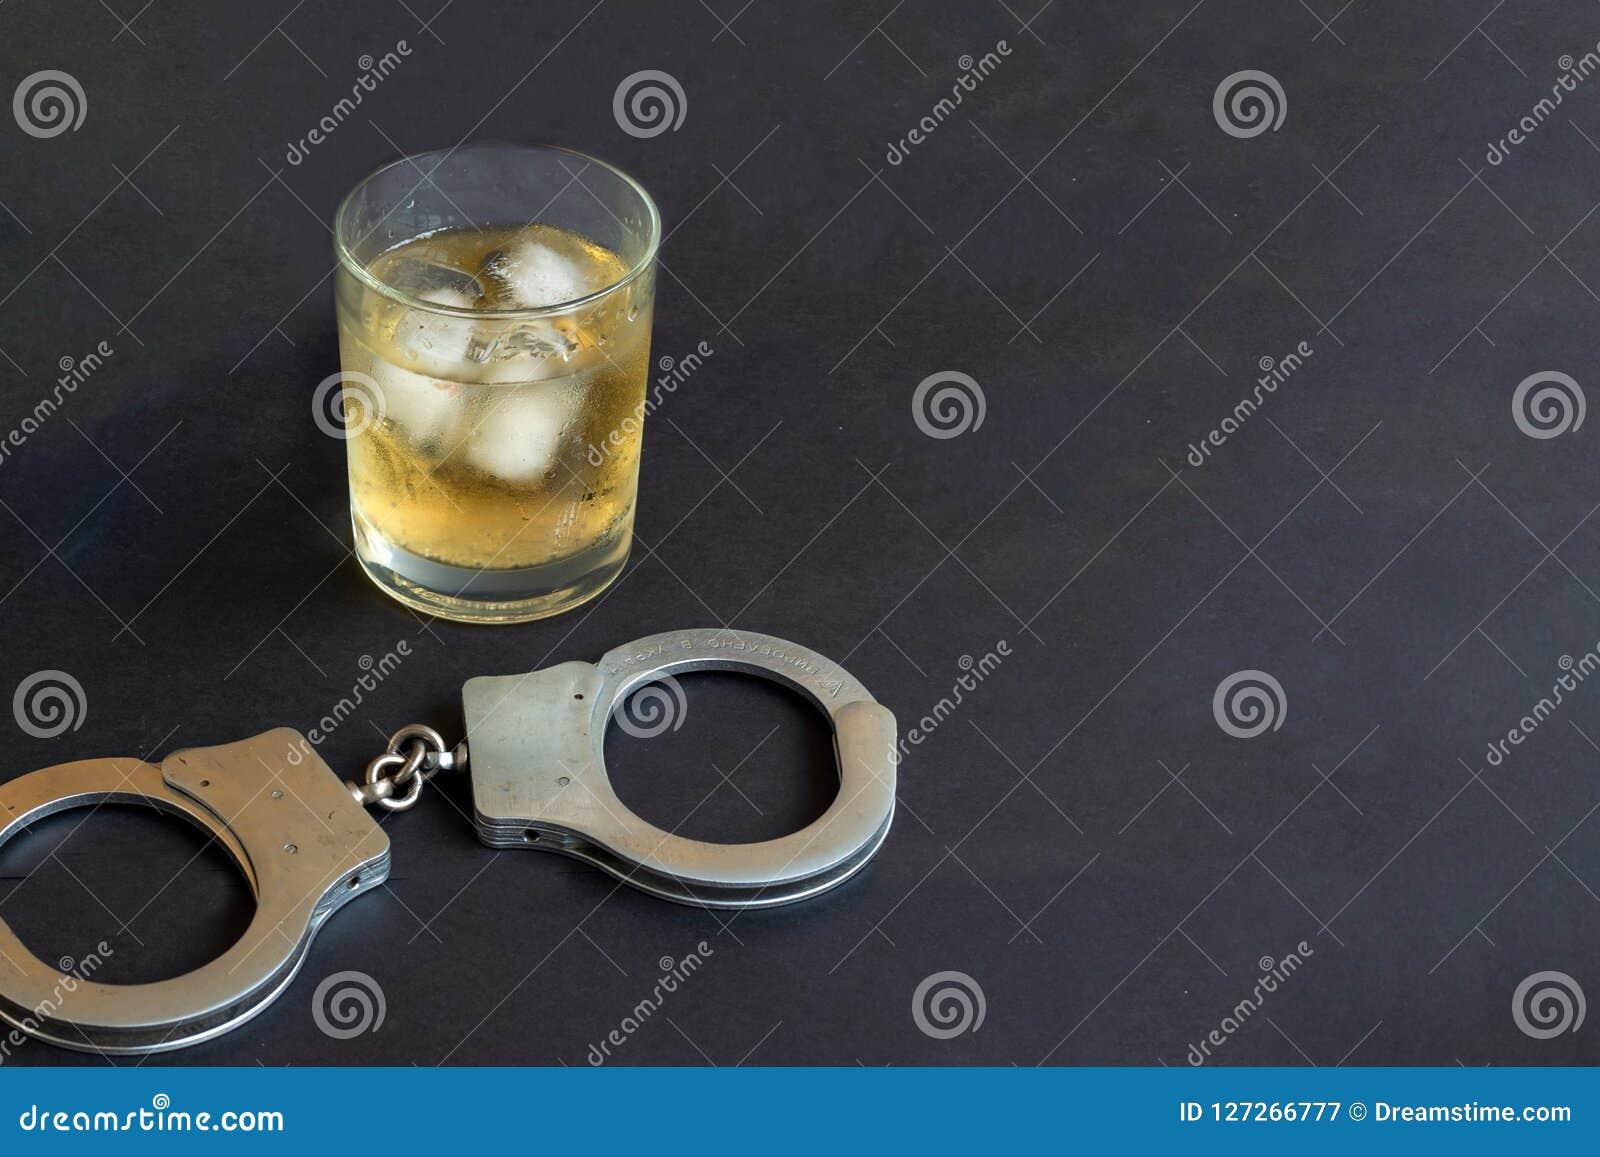 Alkohol und Handschellen auf schwarzem Farbhintergrund